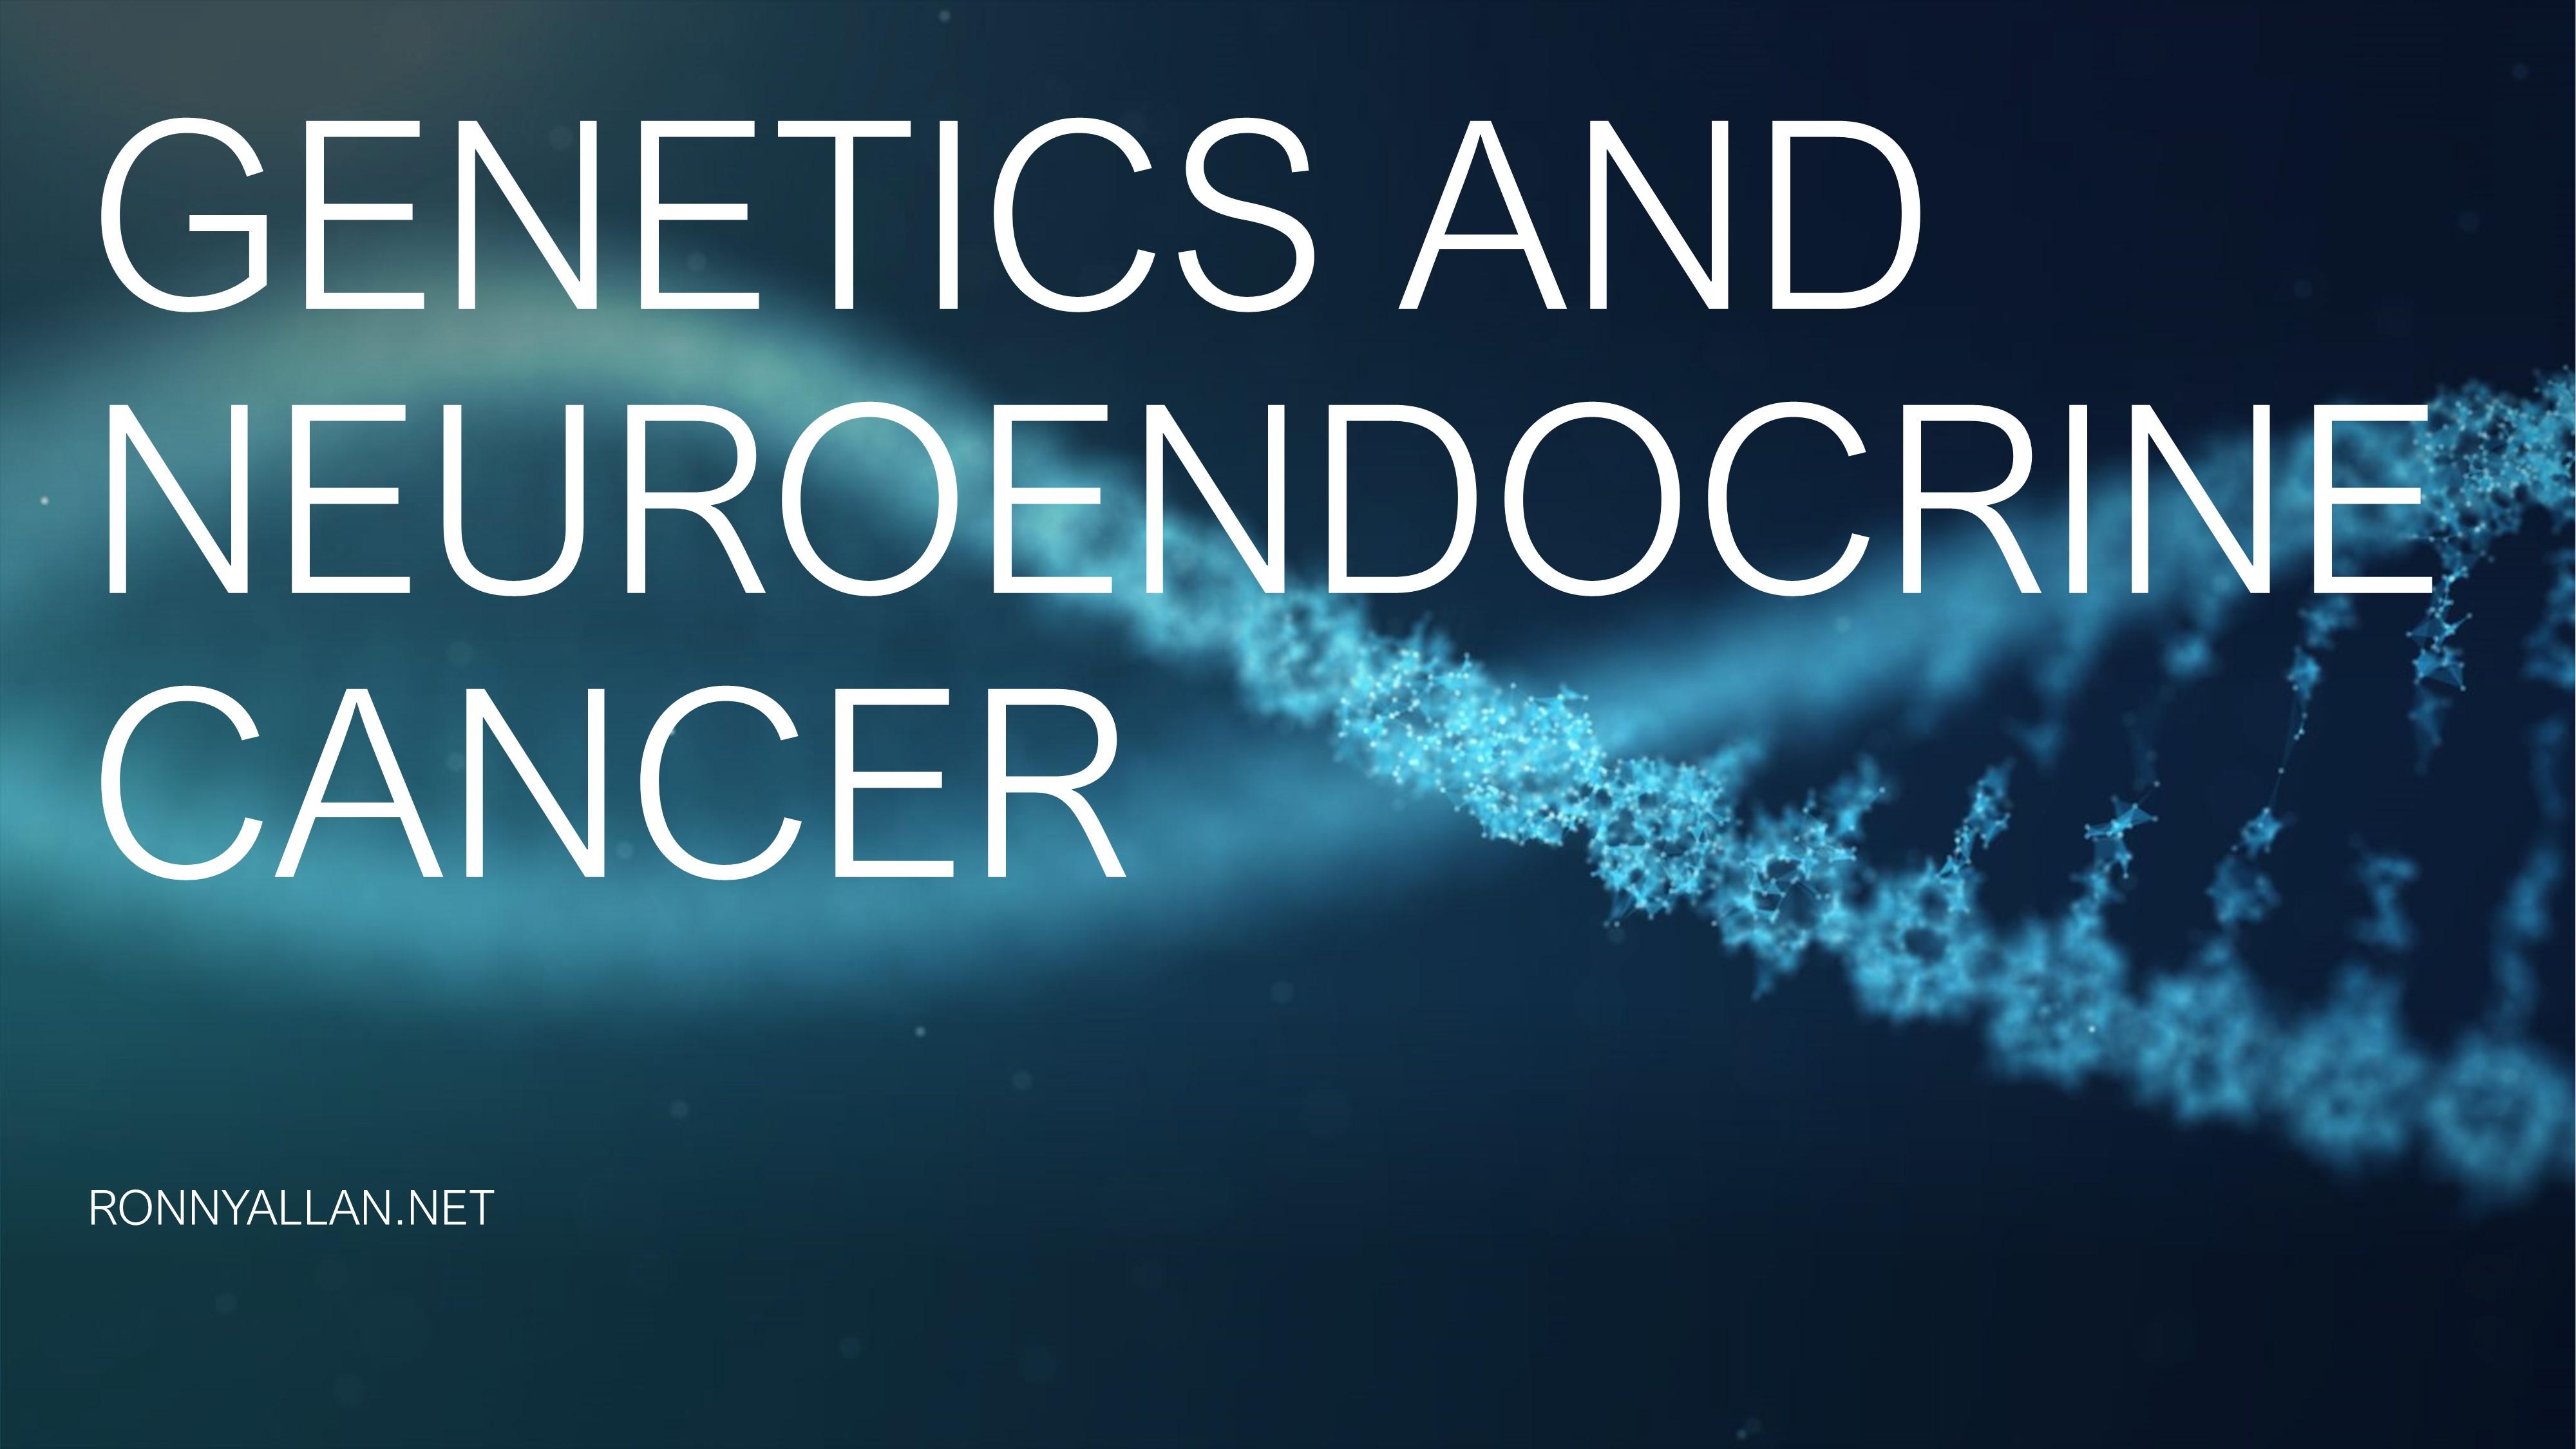 Neuroendocrine cancer charity. Neuroendocrine cancer charity,